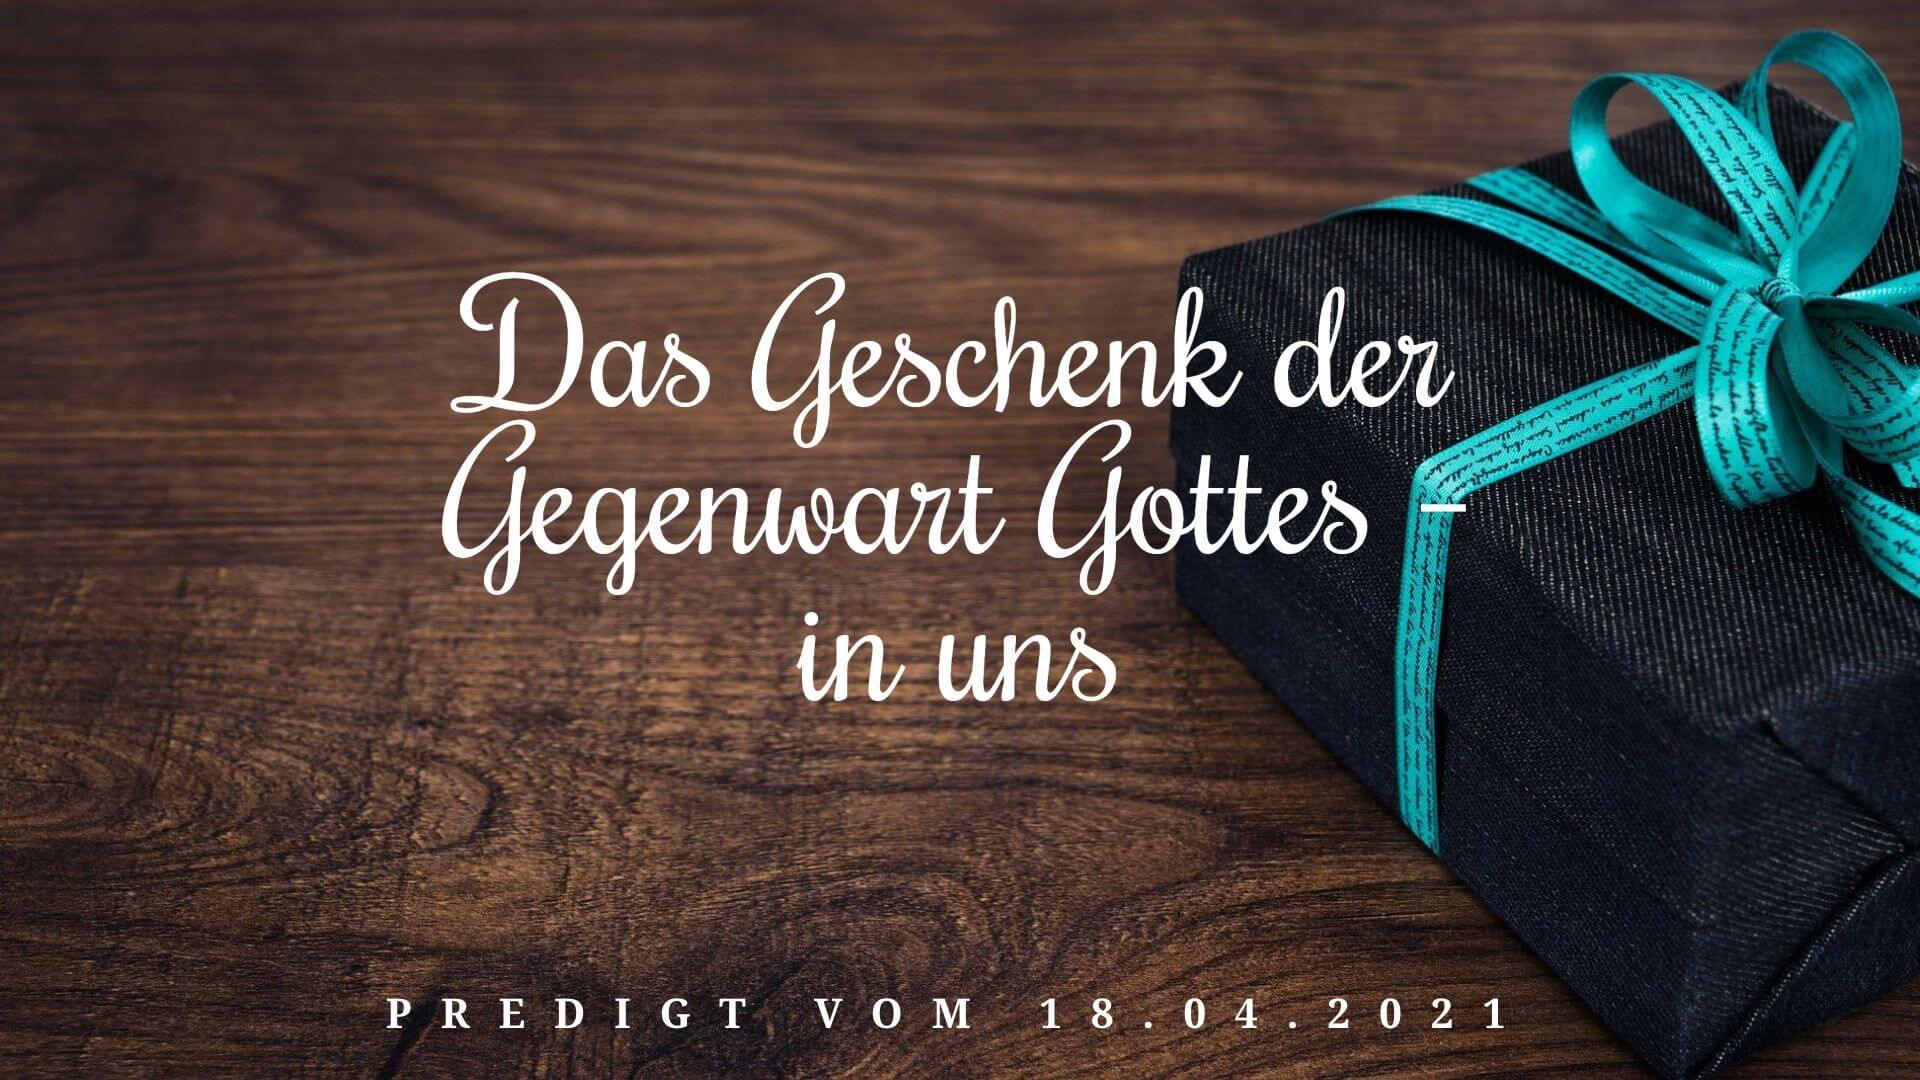 Das Geschenk der Gegenwart Gottes – in uns. Predigt vom 18.04.2021